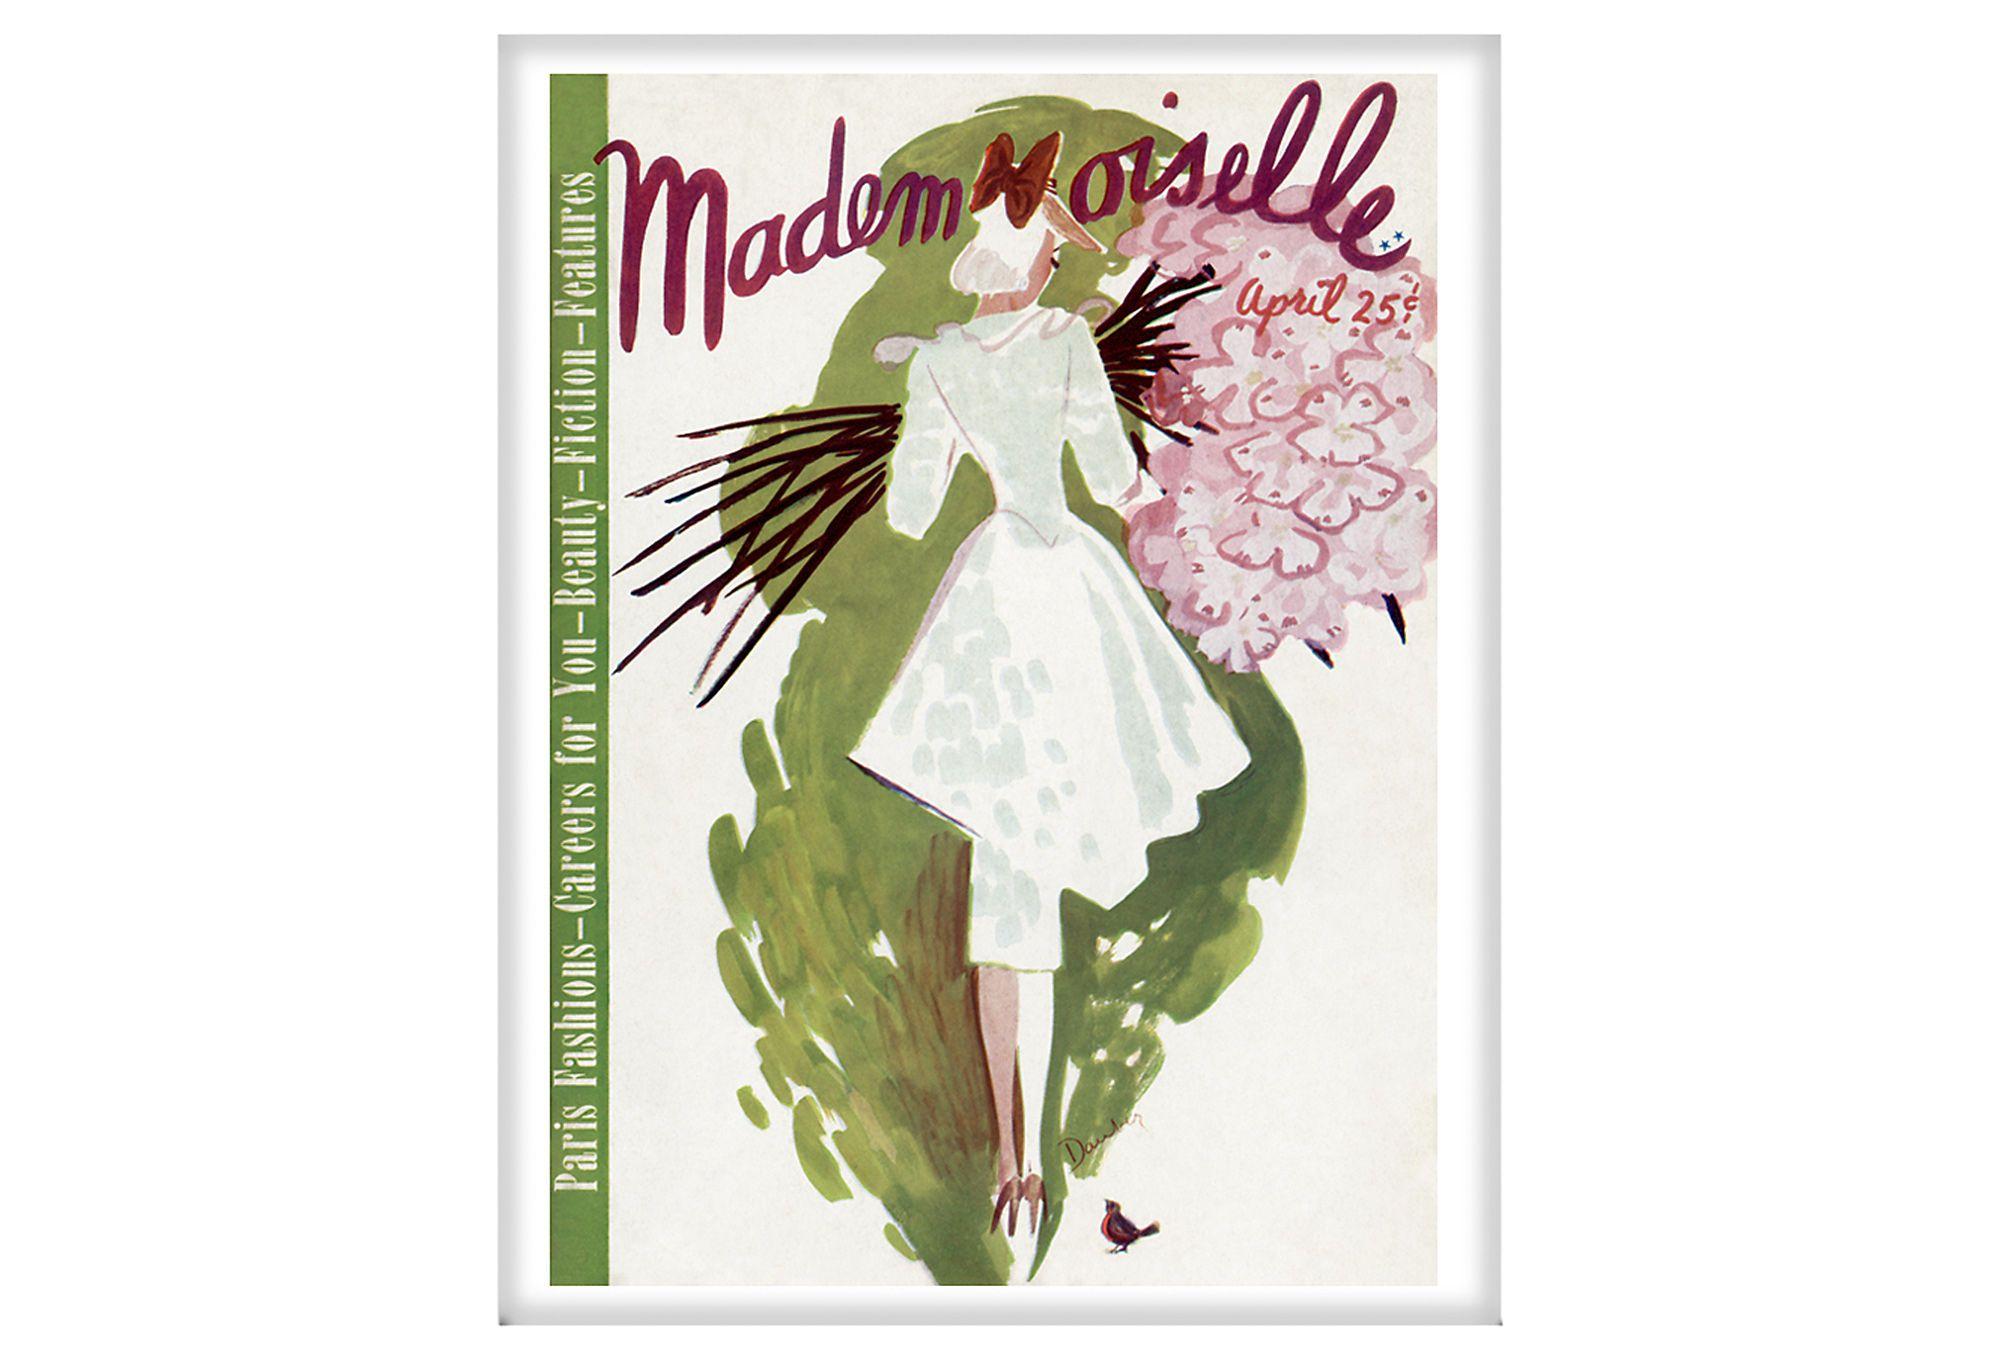 mademoiselle, april 1937